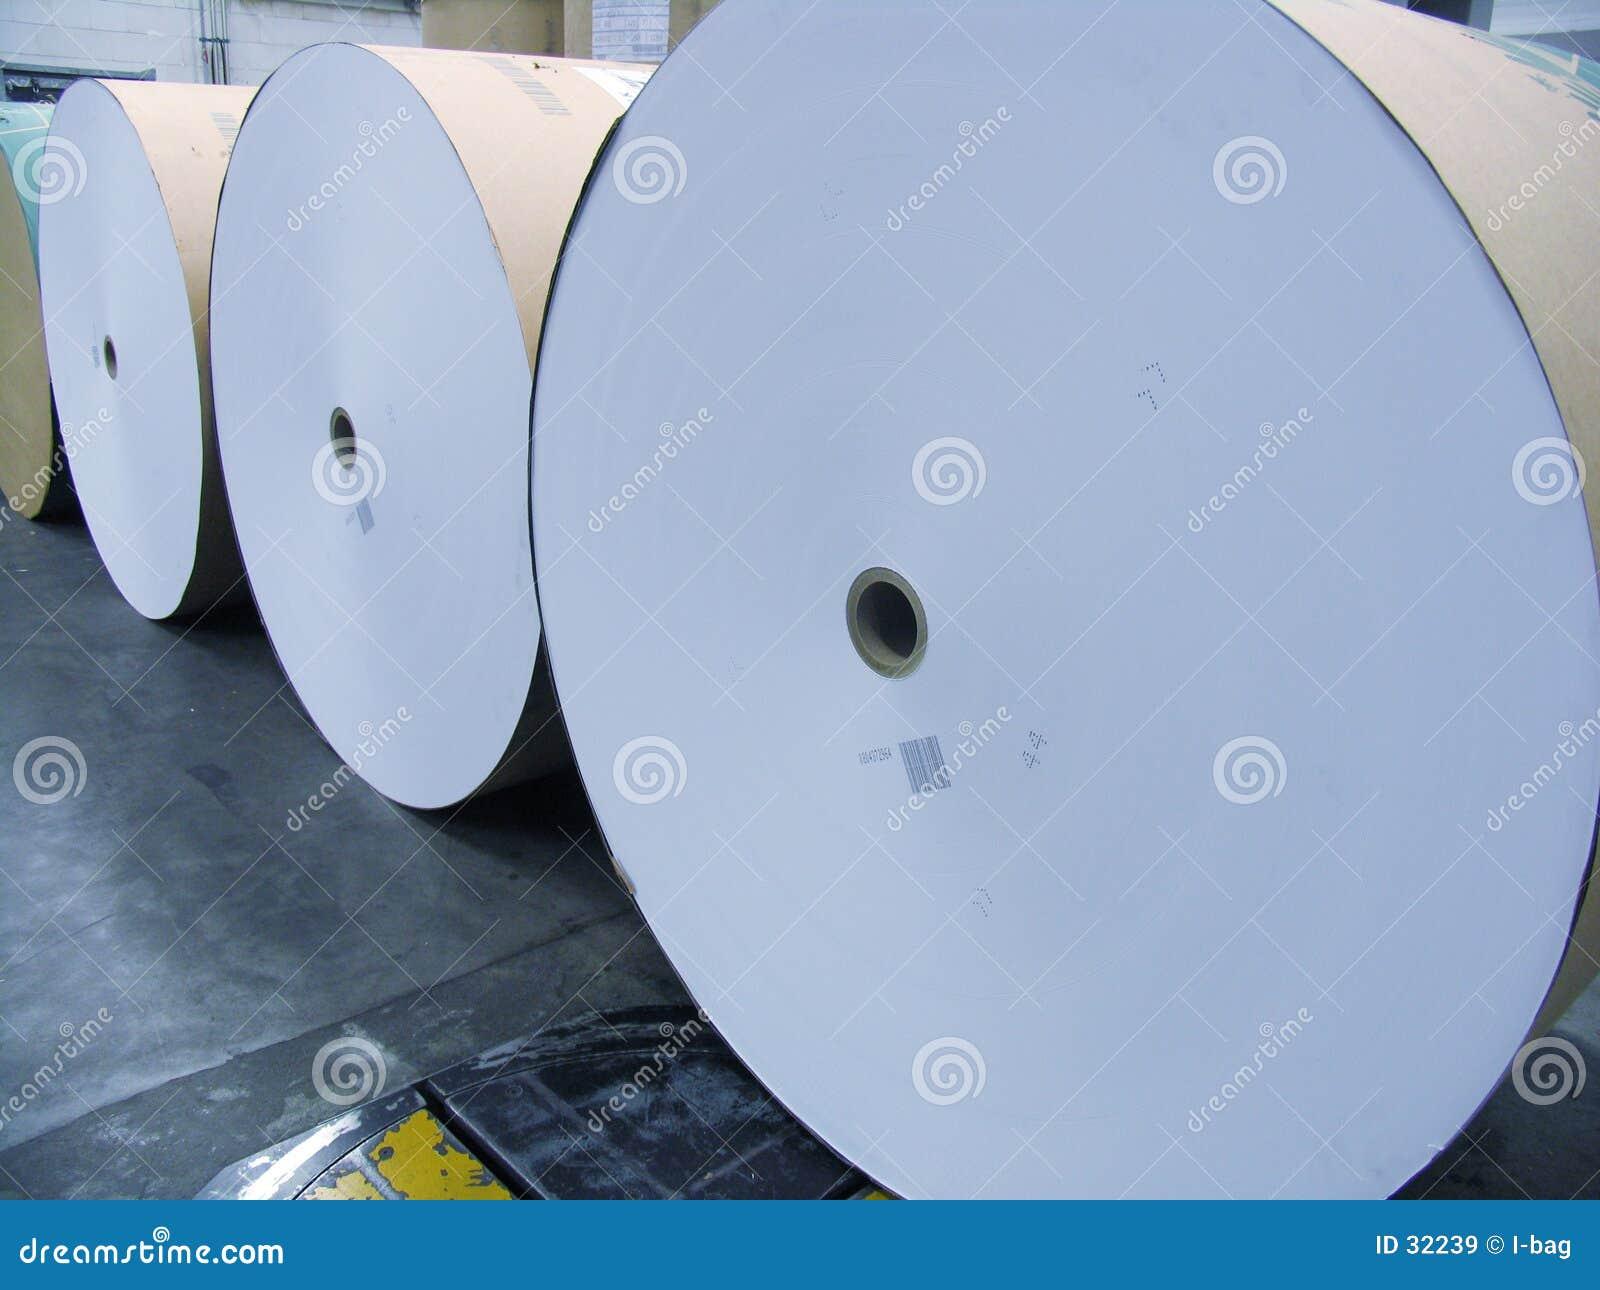 Huge paper rolls